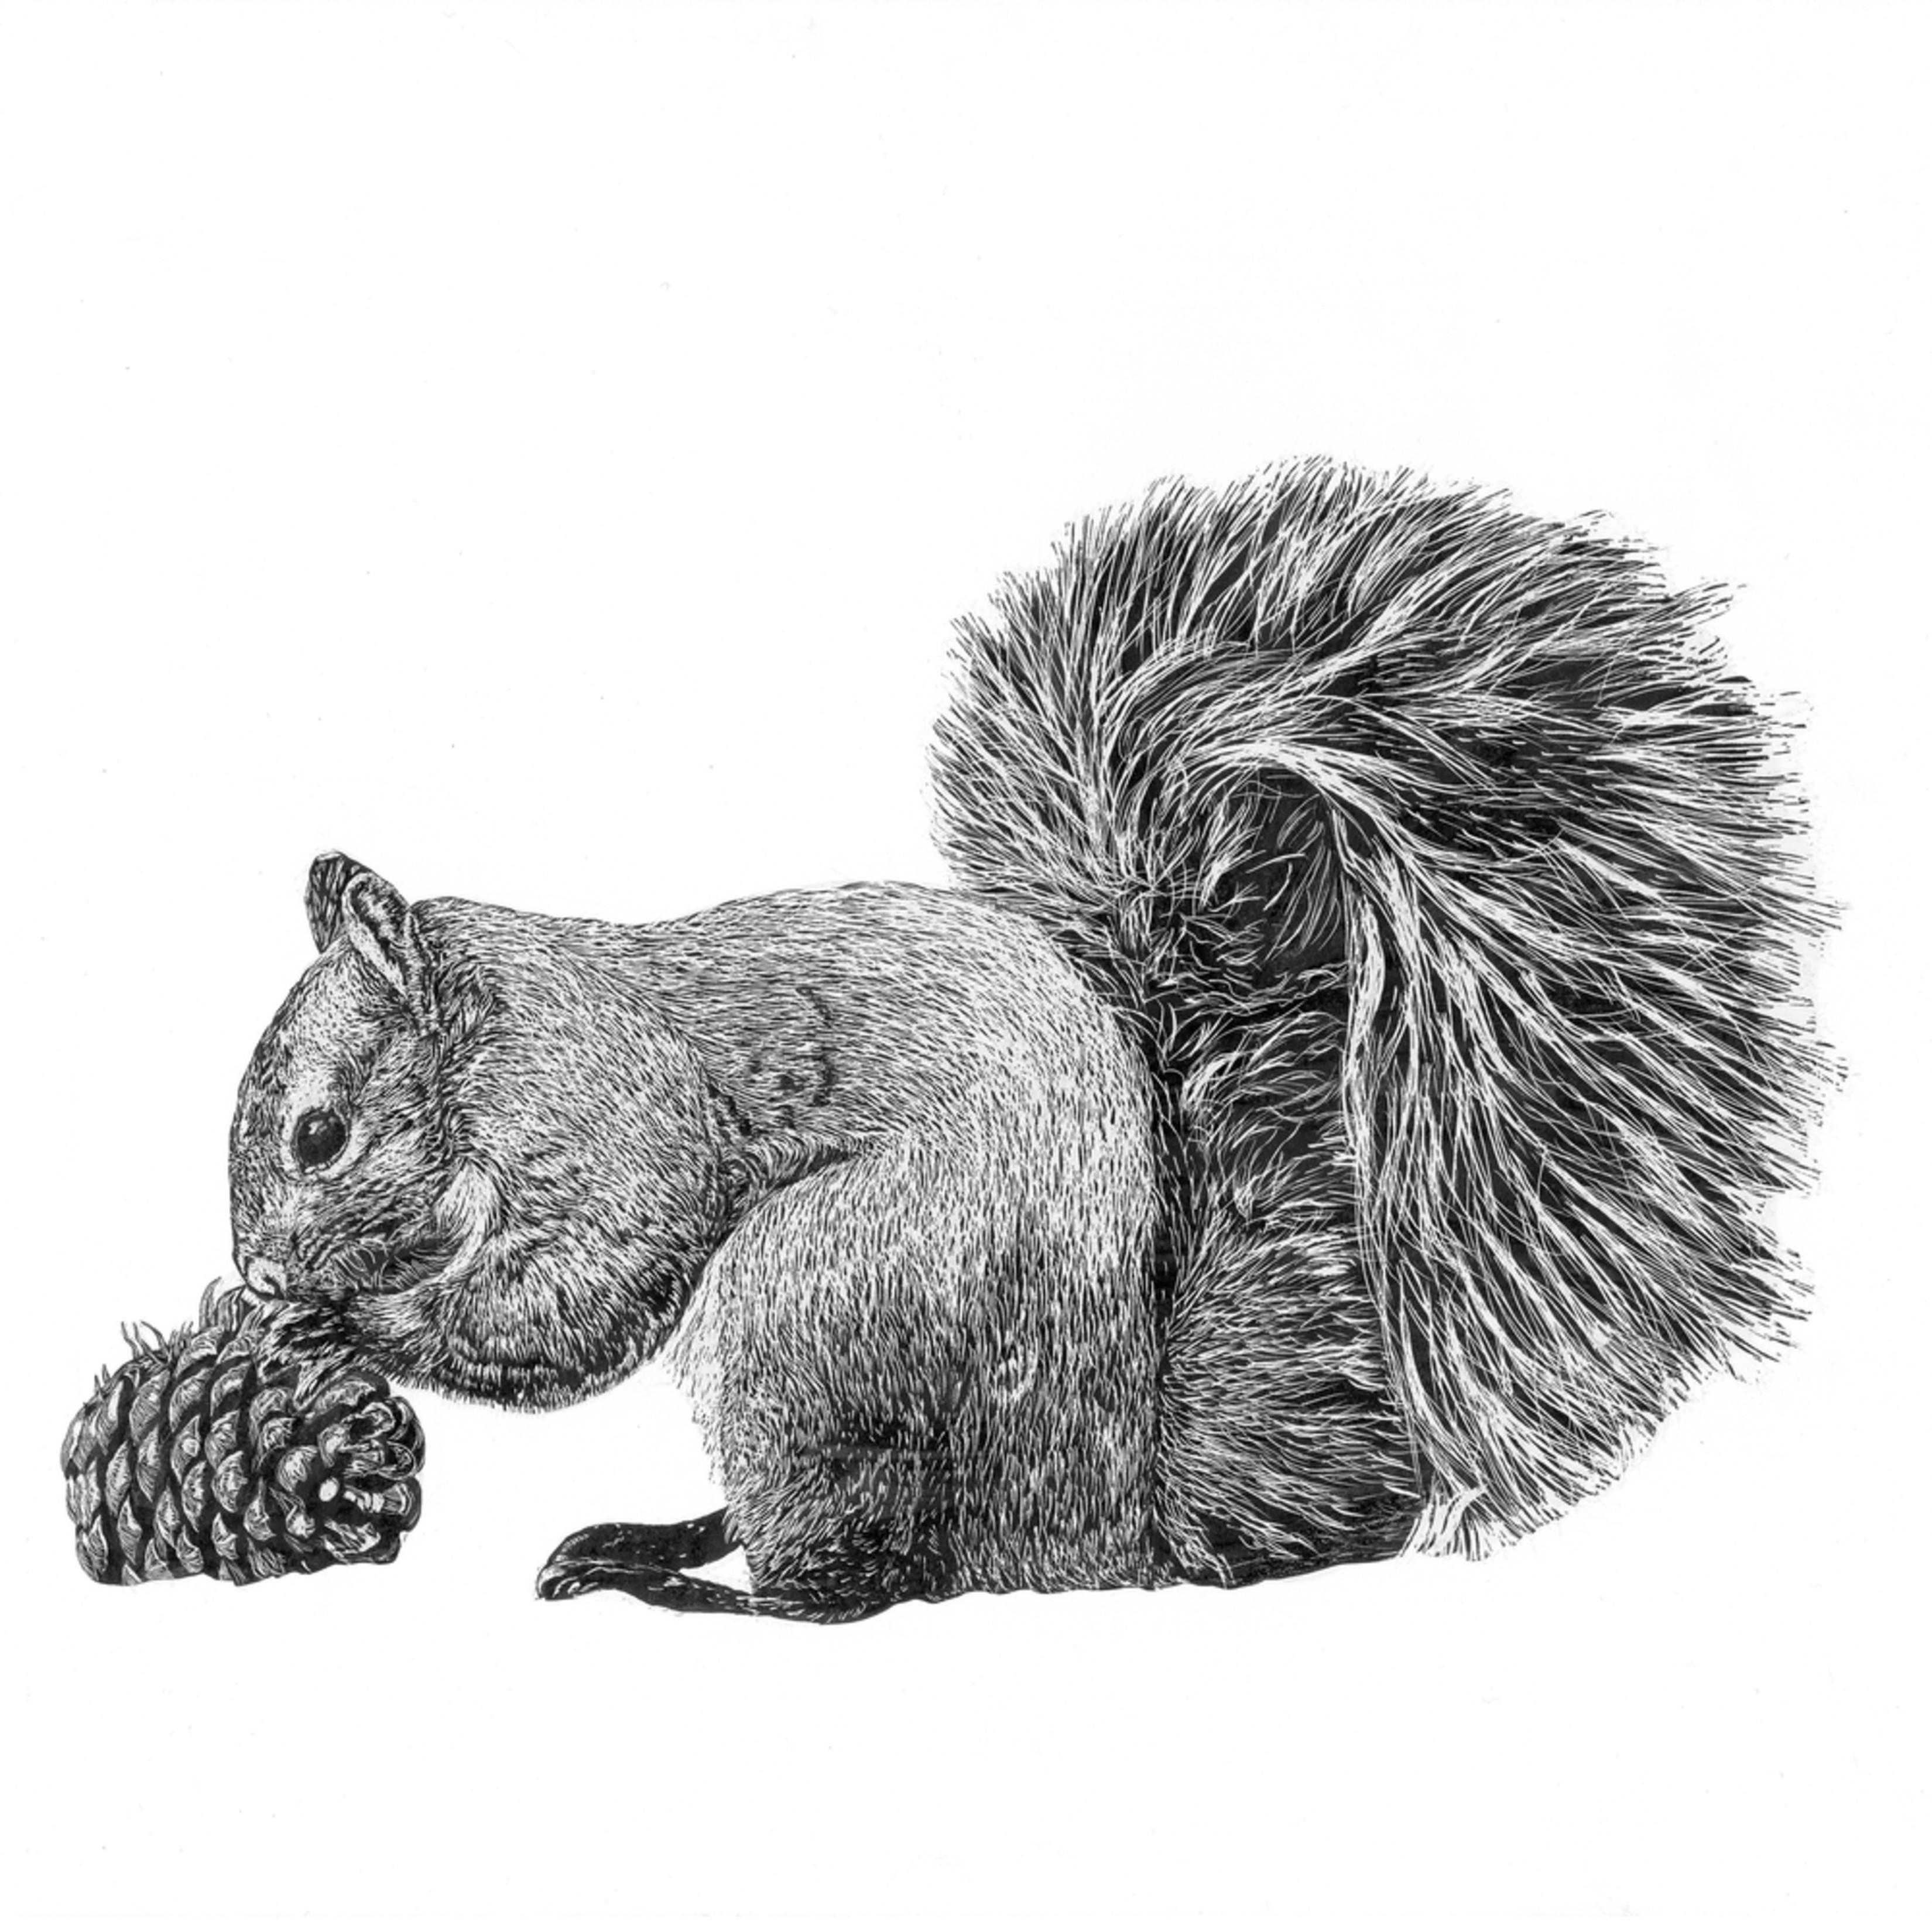 Squirrel new jkmusj